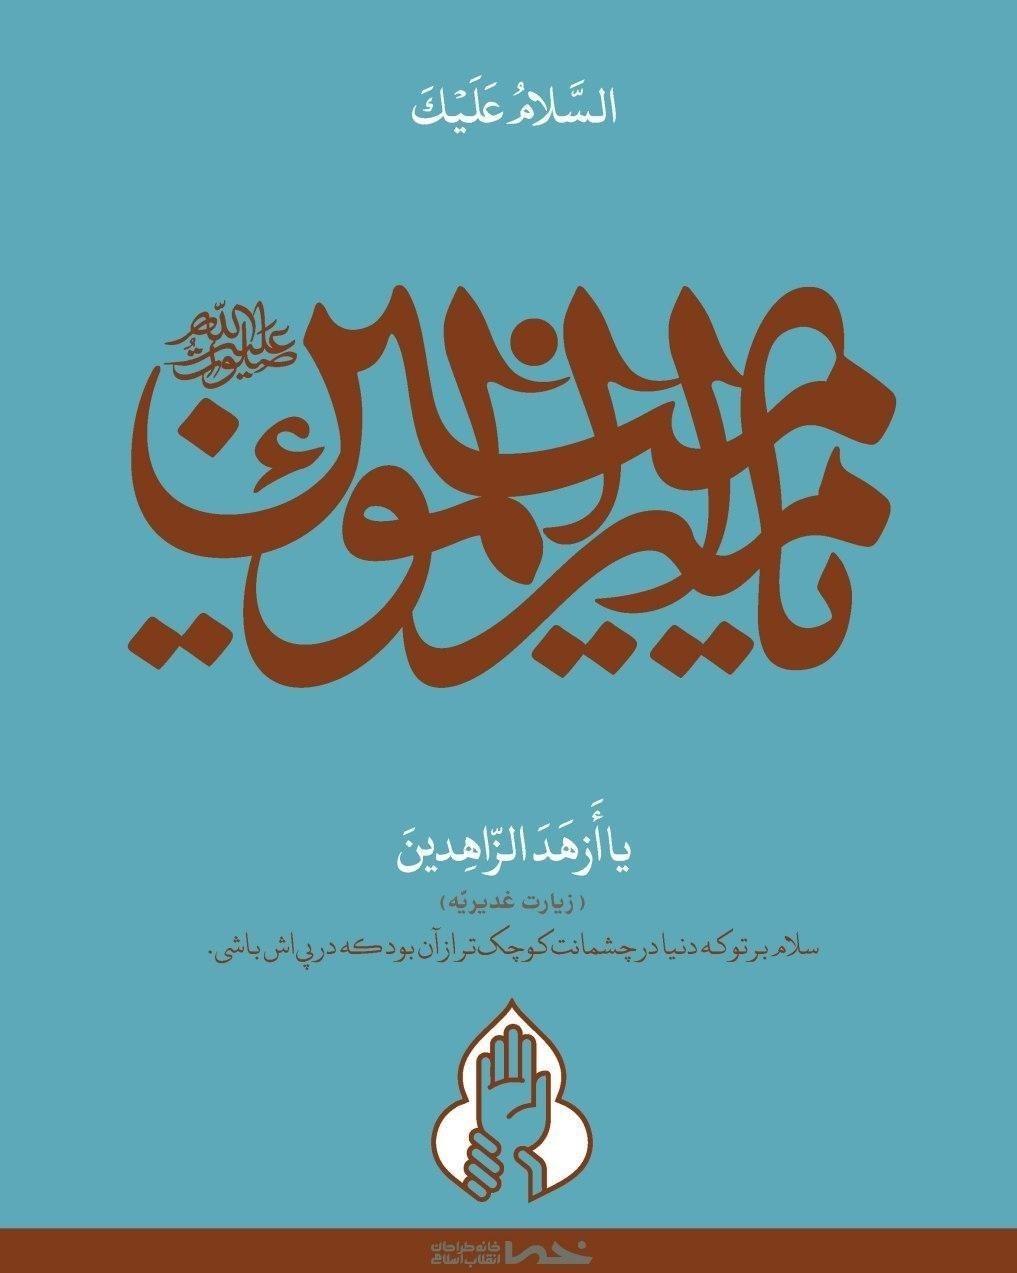 عکس ، گرافیک ، هنرهای تجسمی ، خانه طراحان انقلاب اسلامی ، غدیر خم | عید غدیر خم ،